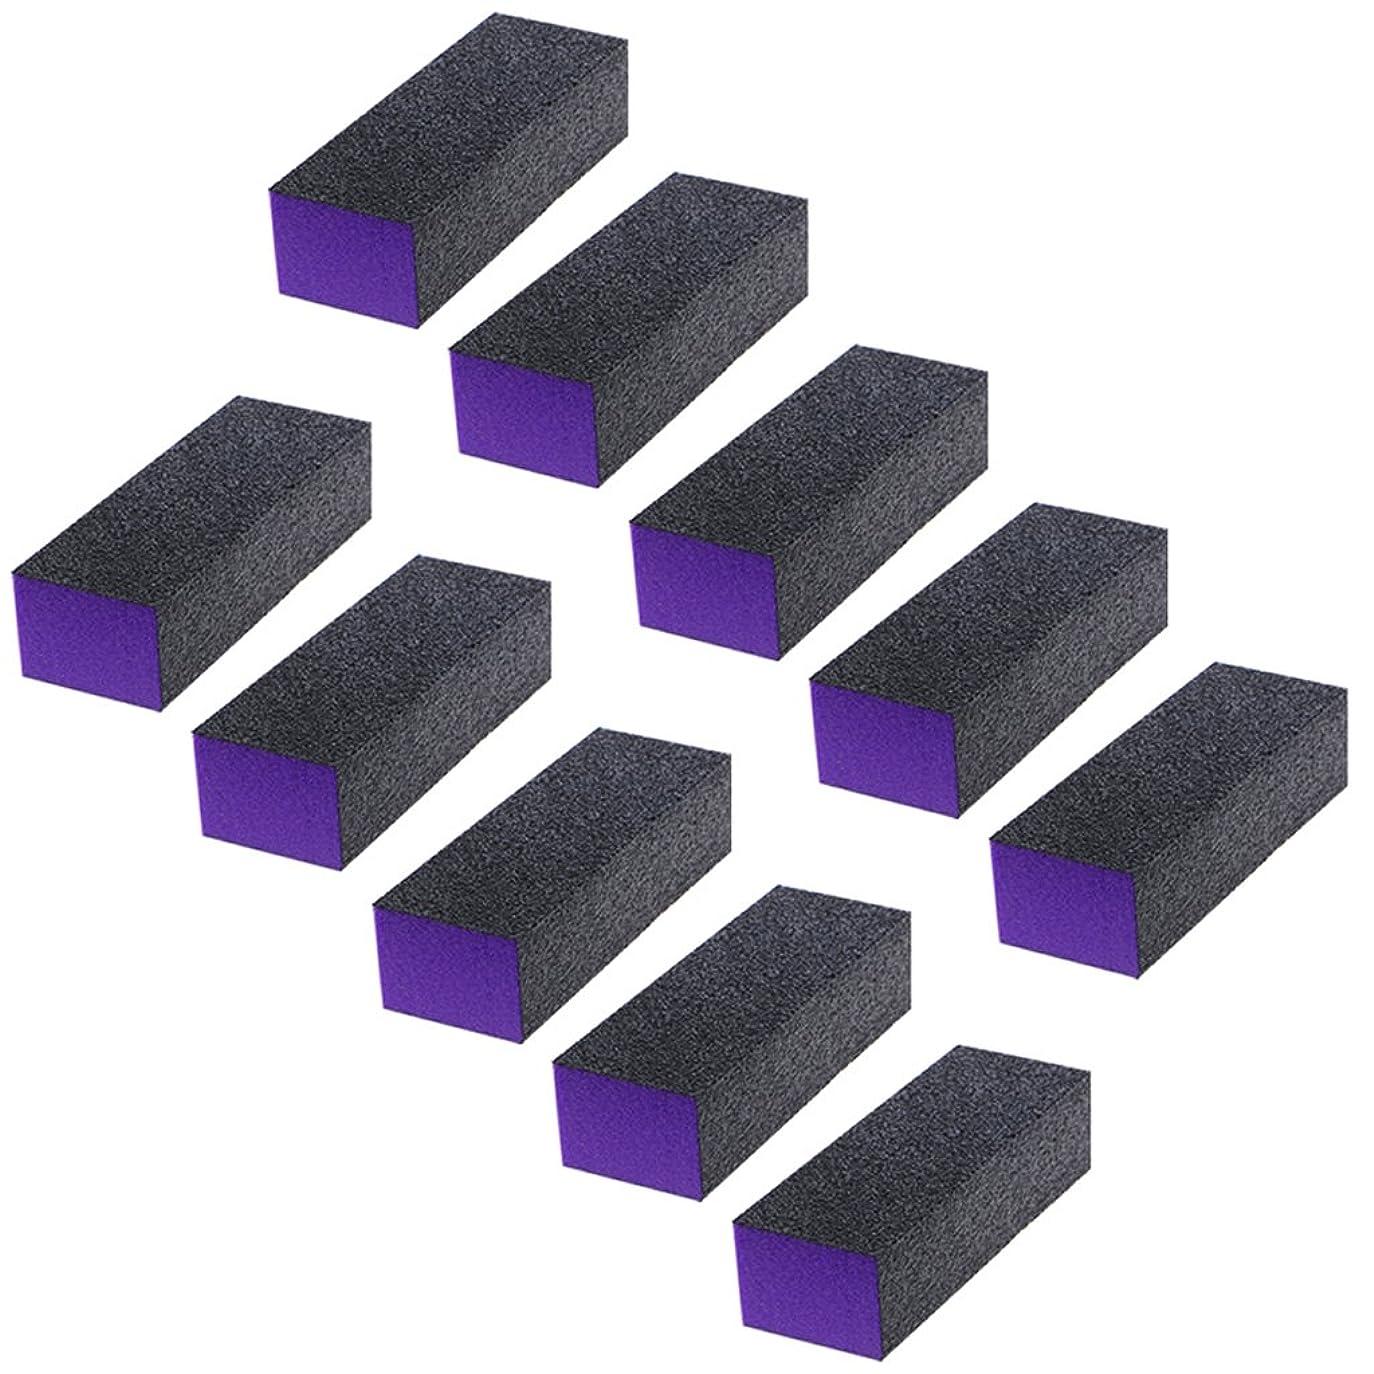 富豪聴覚障害者数学的なジャッキー黒紫豆腐ブロック10個ピース黒紫バッファーバフ研磨サンディングブロックファイルグリットネイルアートツールセット